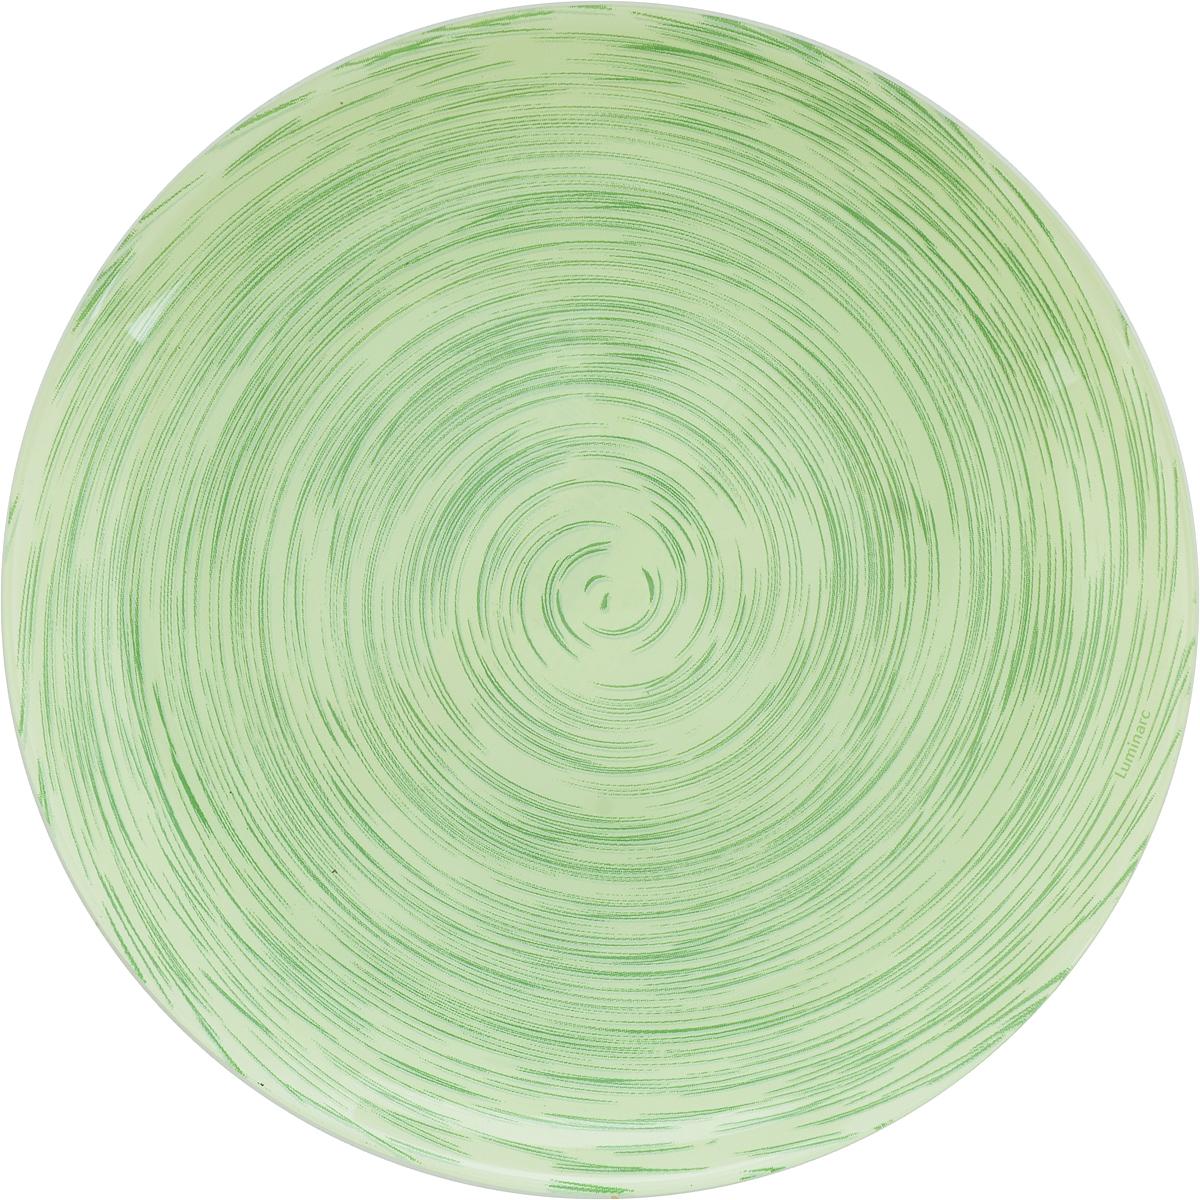 Тарелка суповая Luminarc Stonemania Pistache, диаметр 20 смJ2127Суповая тарелка Luminarc Stonemania Pistache выполнена из ударопрочного стекла и имеет изысканный внешний вид. Изделие сочетает в себе изысканный дизайн с максимальной функциональностью. Она прекрасно впишется в интерьер вашей кухни и станет достойным дополнением к кухонному инвентарю. Тарелка Luminarc Stonemania Pistache подчеркнет прекрасный вкус хозяйки и станет отличным подарком. Можно мыть в посудомоечной машине и использовать в микроволновой печи.